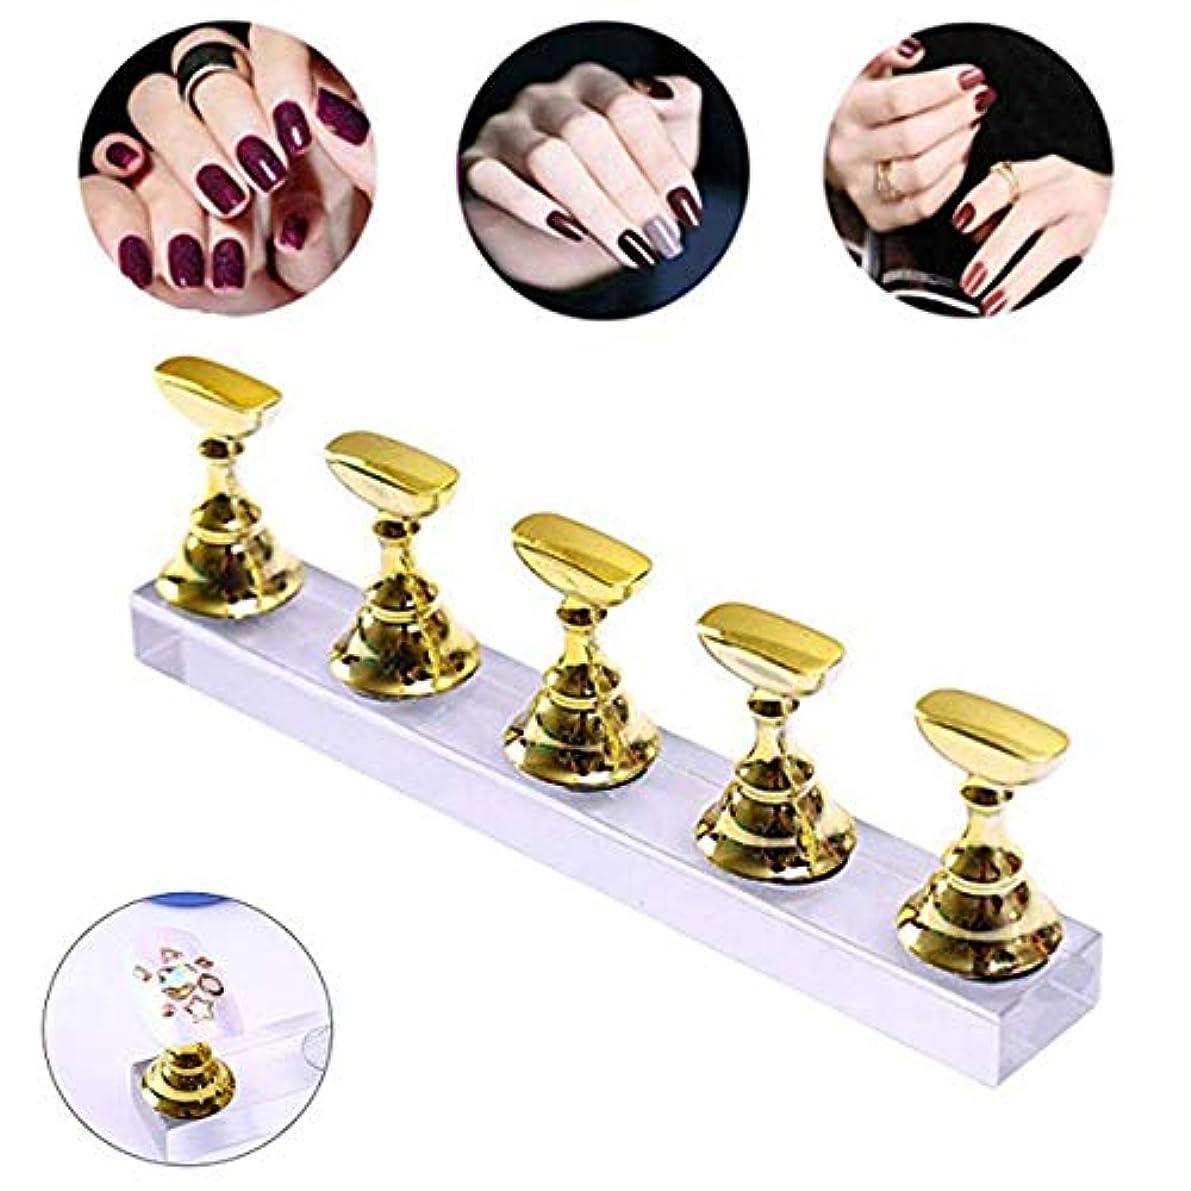 ロードブロッキング盟主あいまいなネイルチップディスプレイスタンドセット 道具 サンプルチップ ネイルアート用品 磁気 ネイルアート 5本セット (ゴールド)